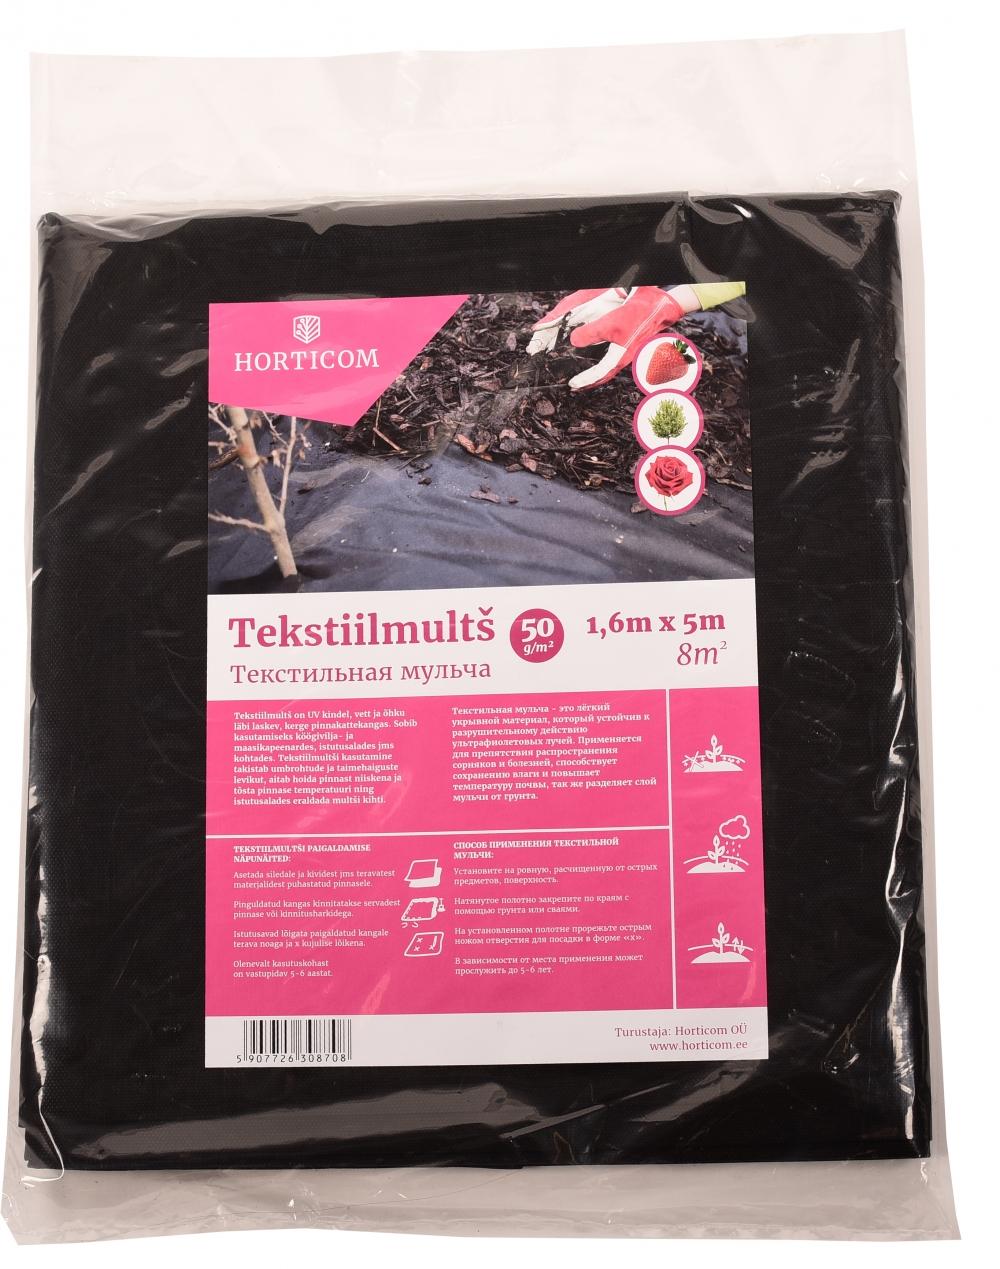 Tekstiilmultš Horticom 50g/m2 1;6 x 5m 8m2